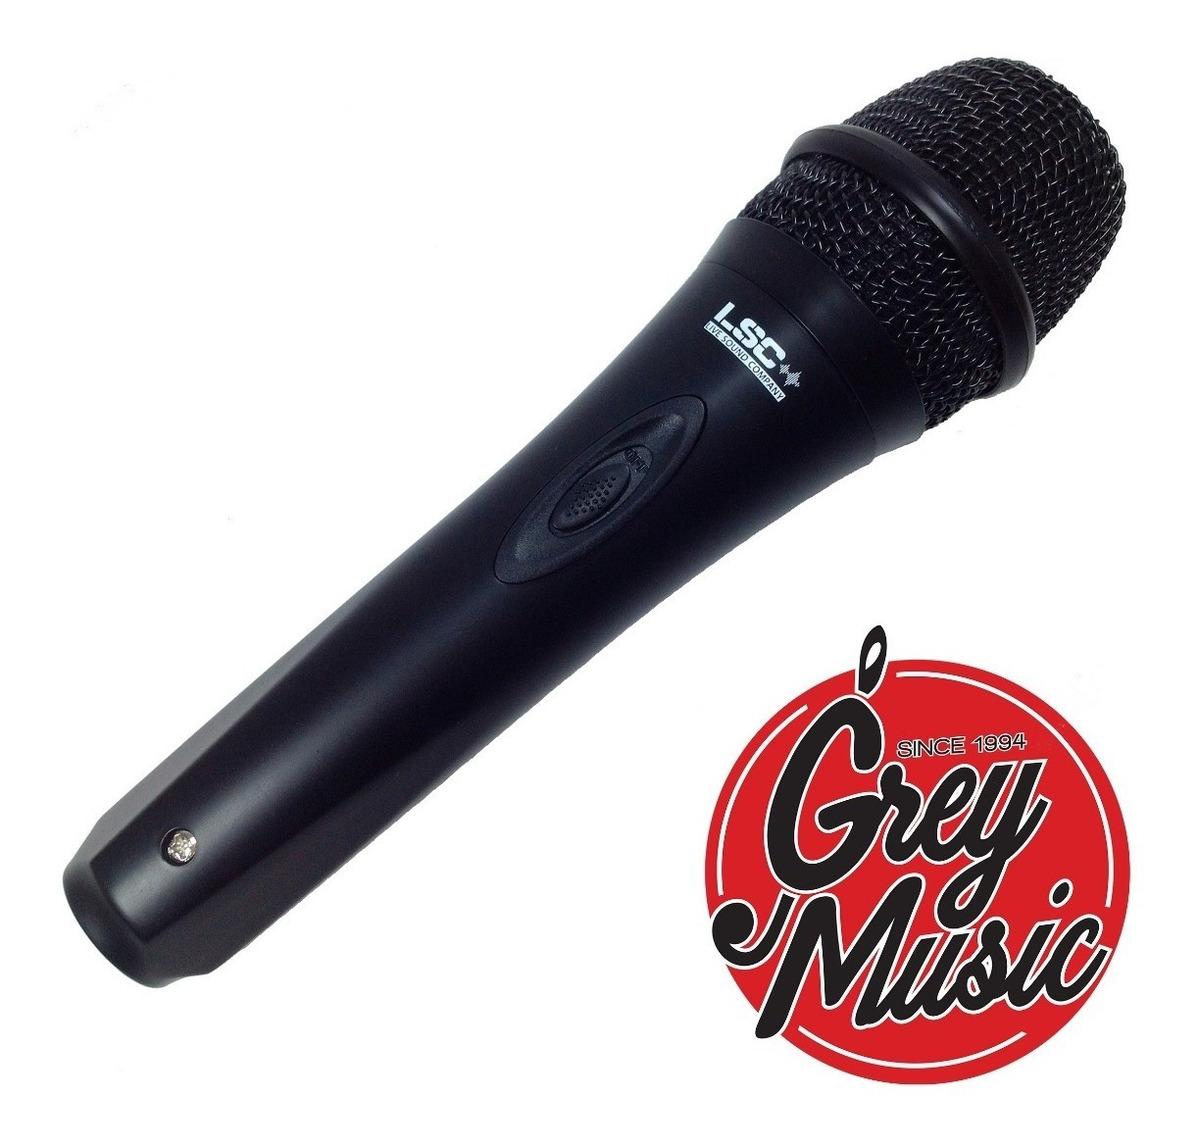 Micrófono Profesional Dinamico Lsc Sm36 Con Cable